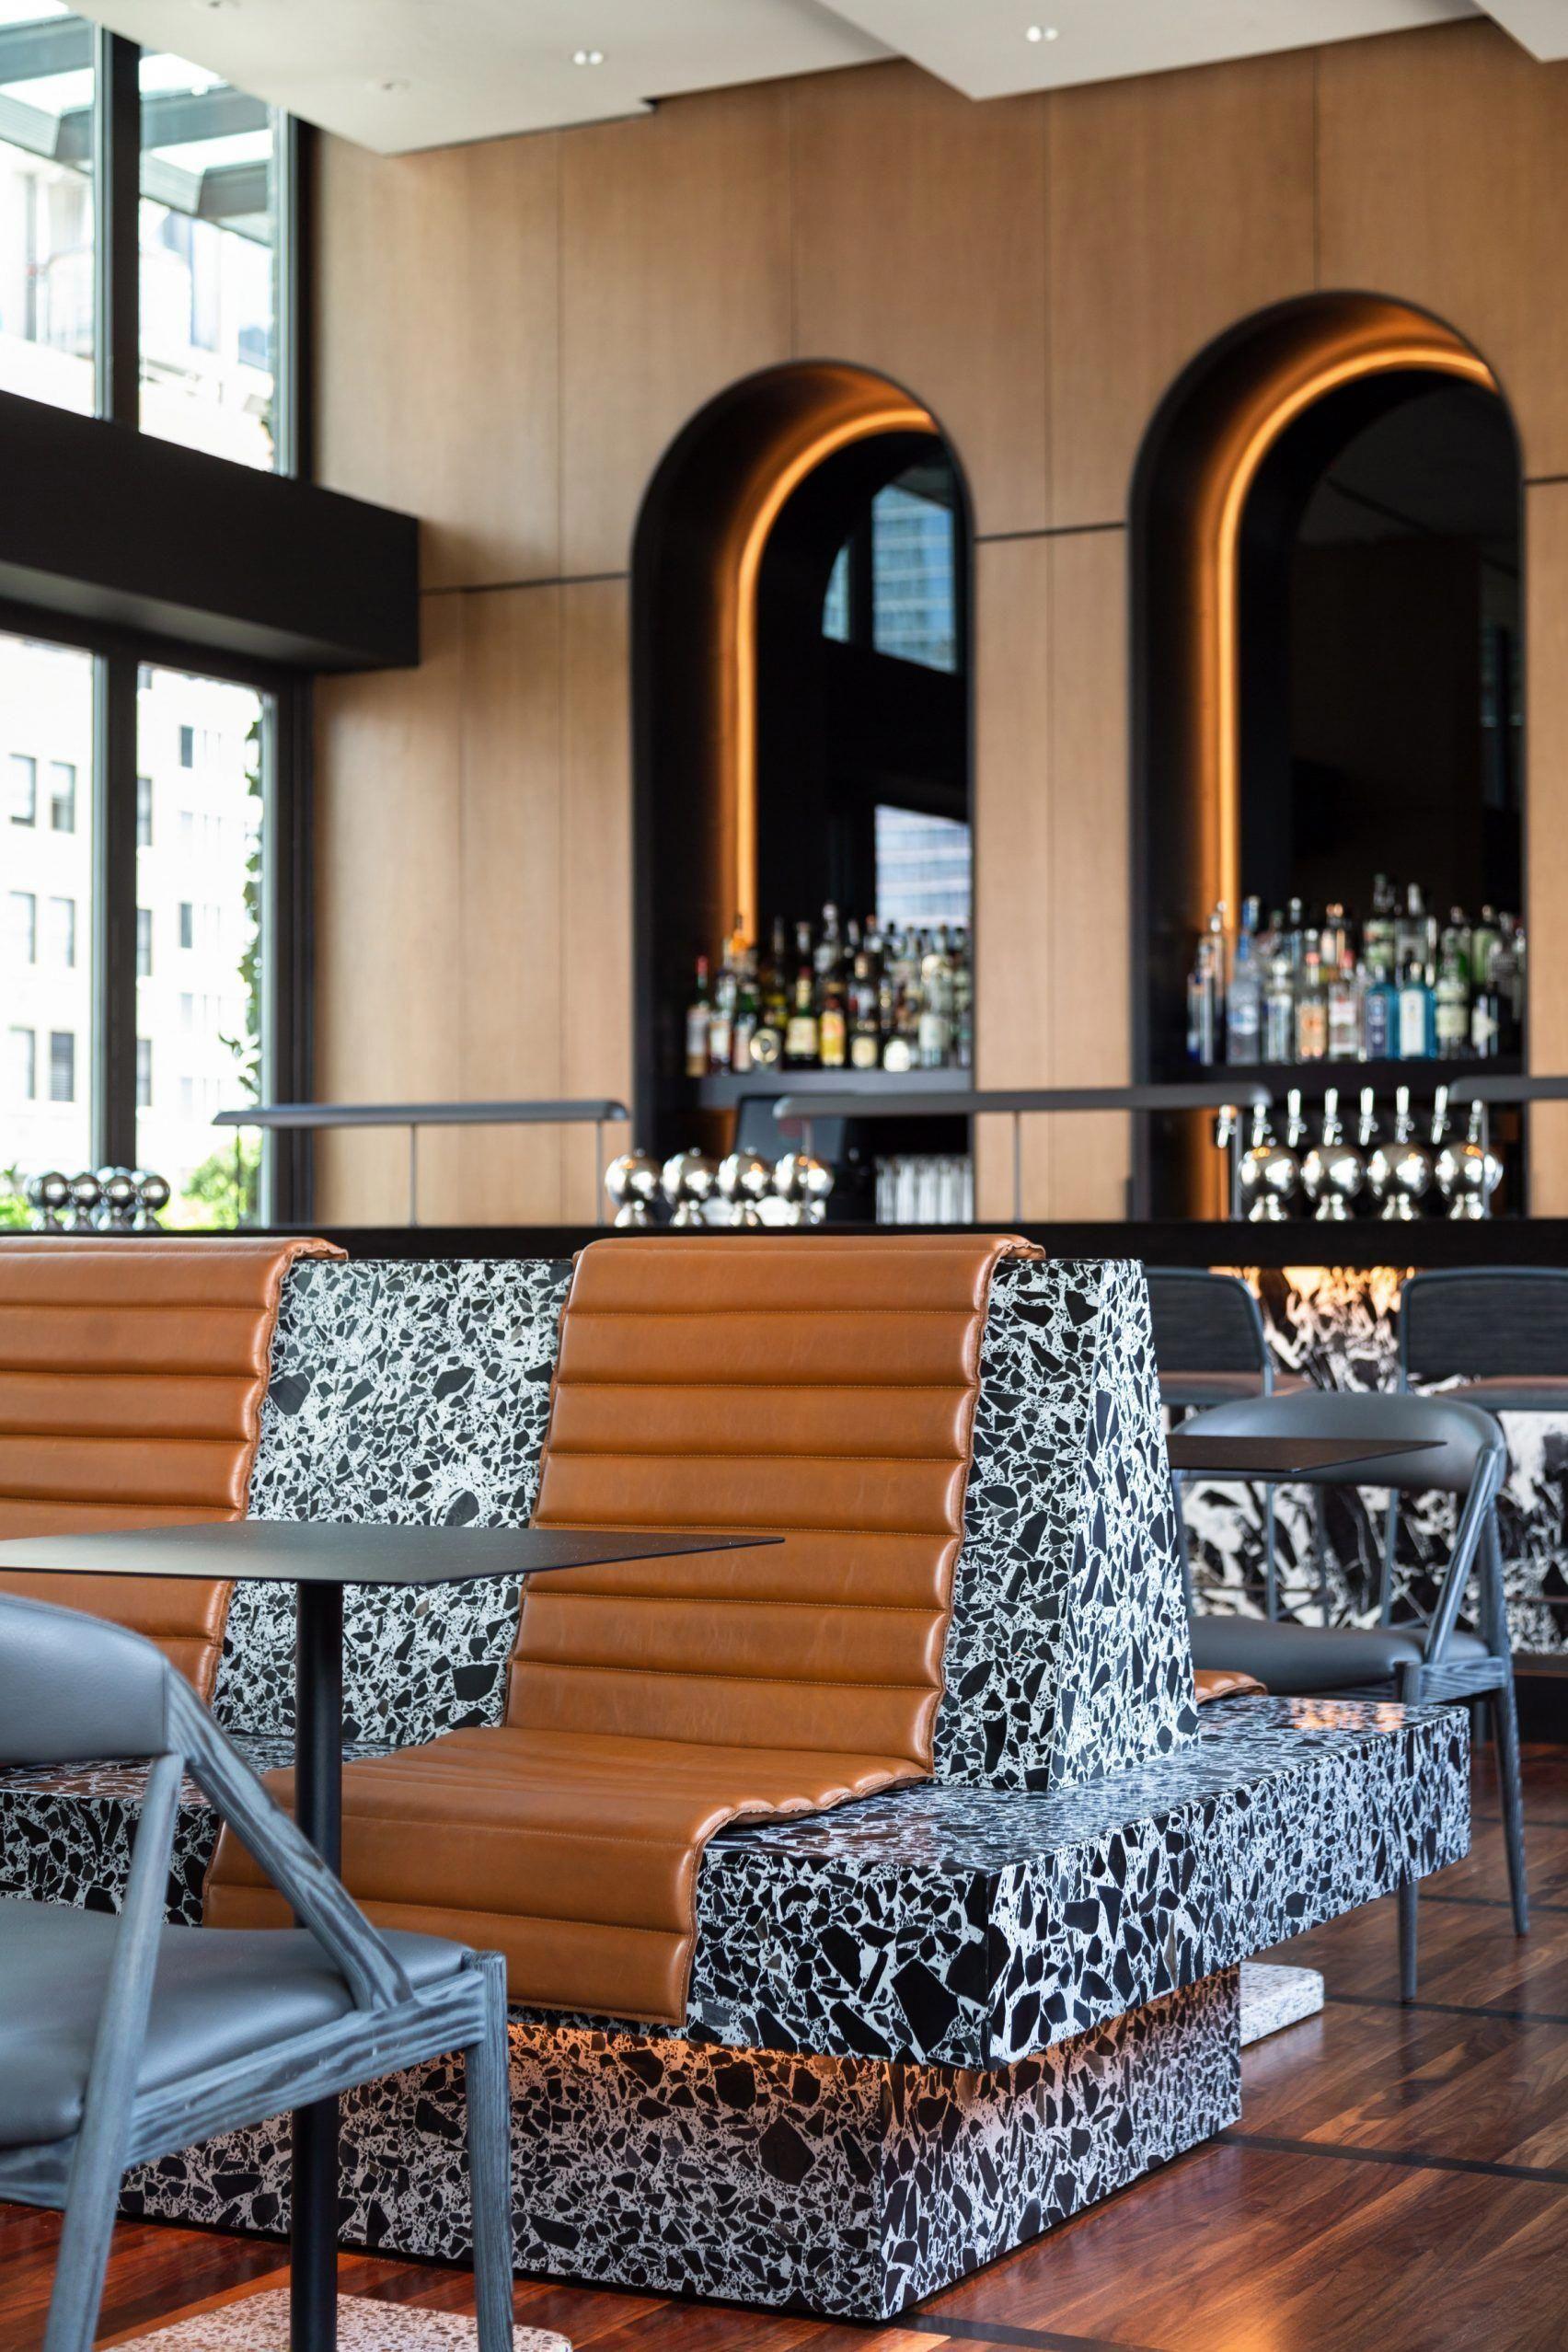 Home Decoration In Pakistan Plantsforhomedecoration Info 9231455946 Restaurant Seating Lounge Design Restaurant Interior